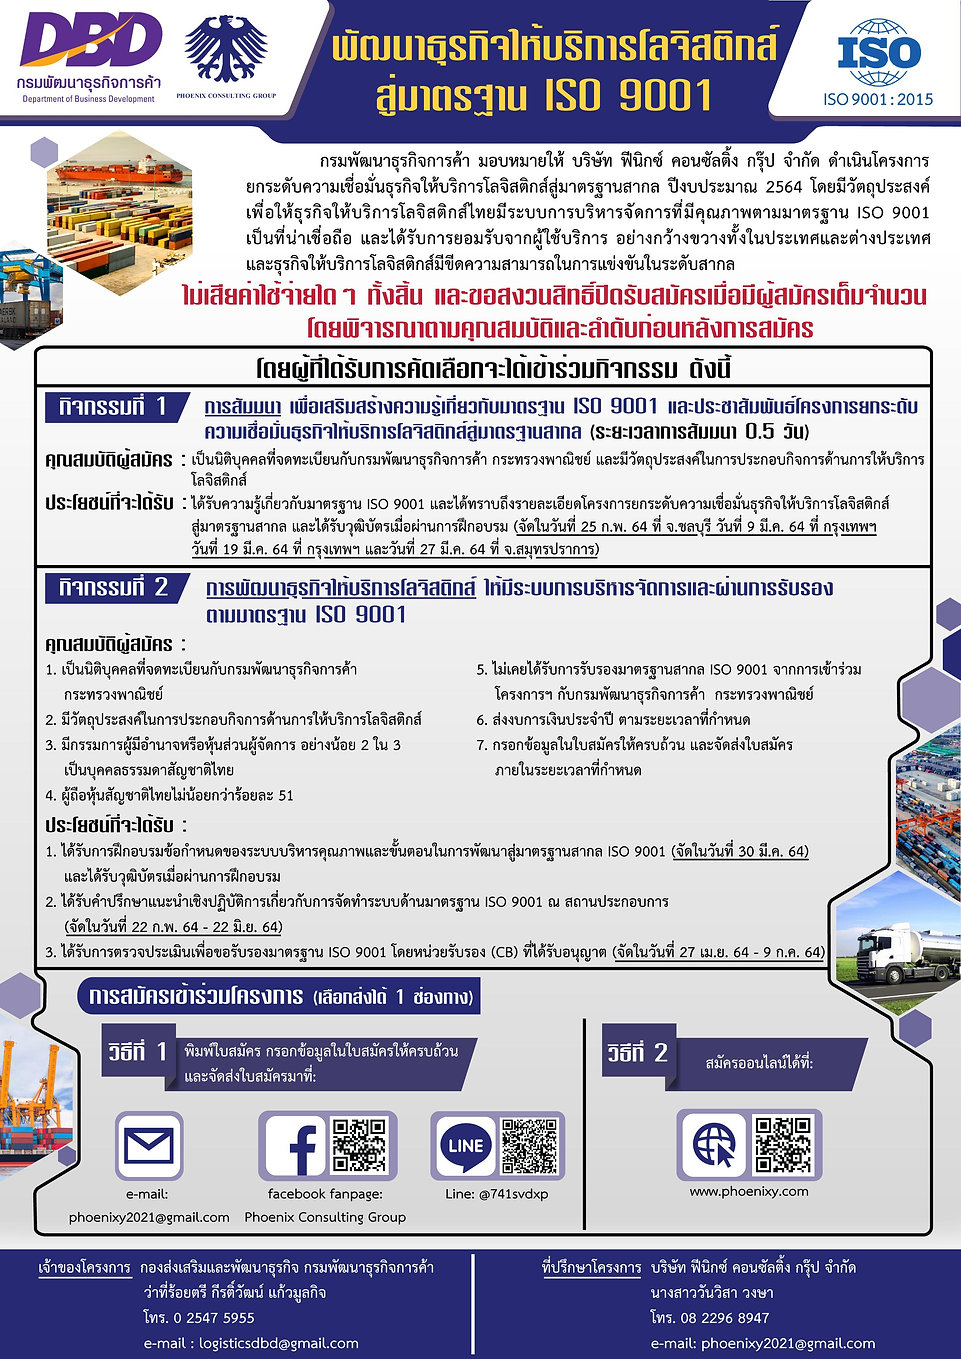 แบนเนอร์โครงการโลจิสติกส์ ปี 64_10-3-64_กรมพัฒฯ.jpg